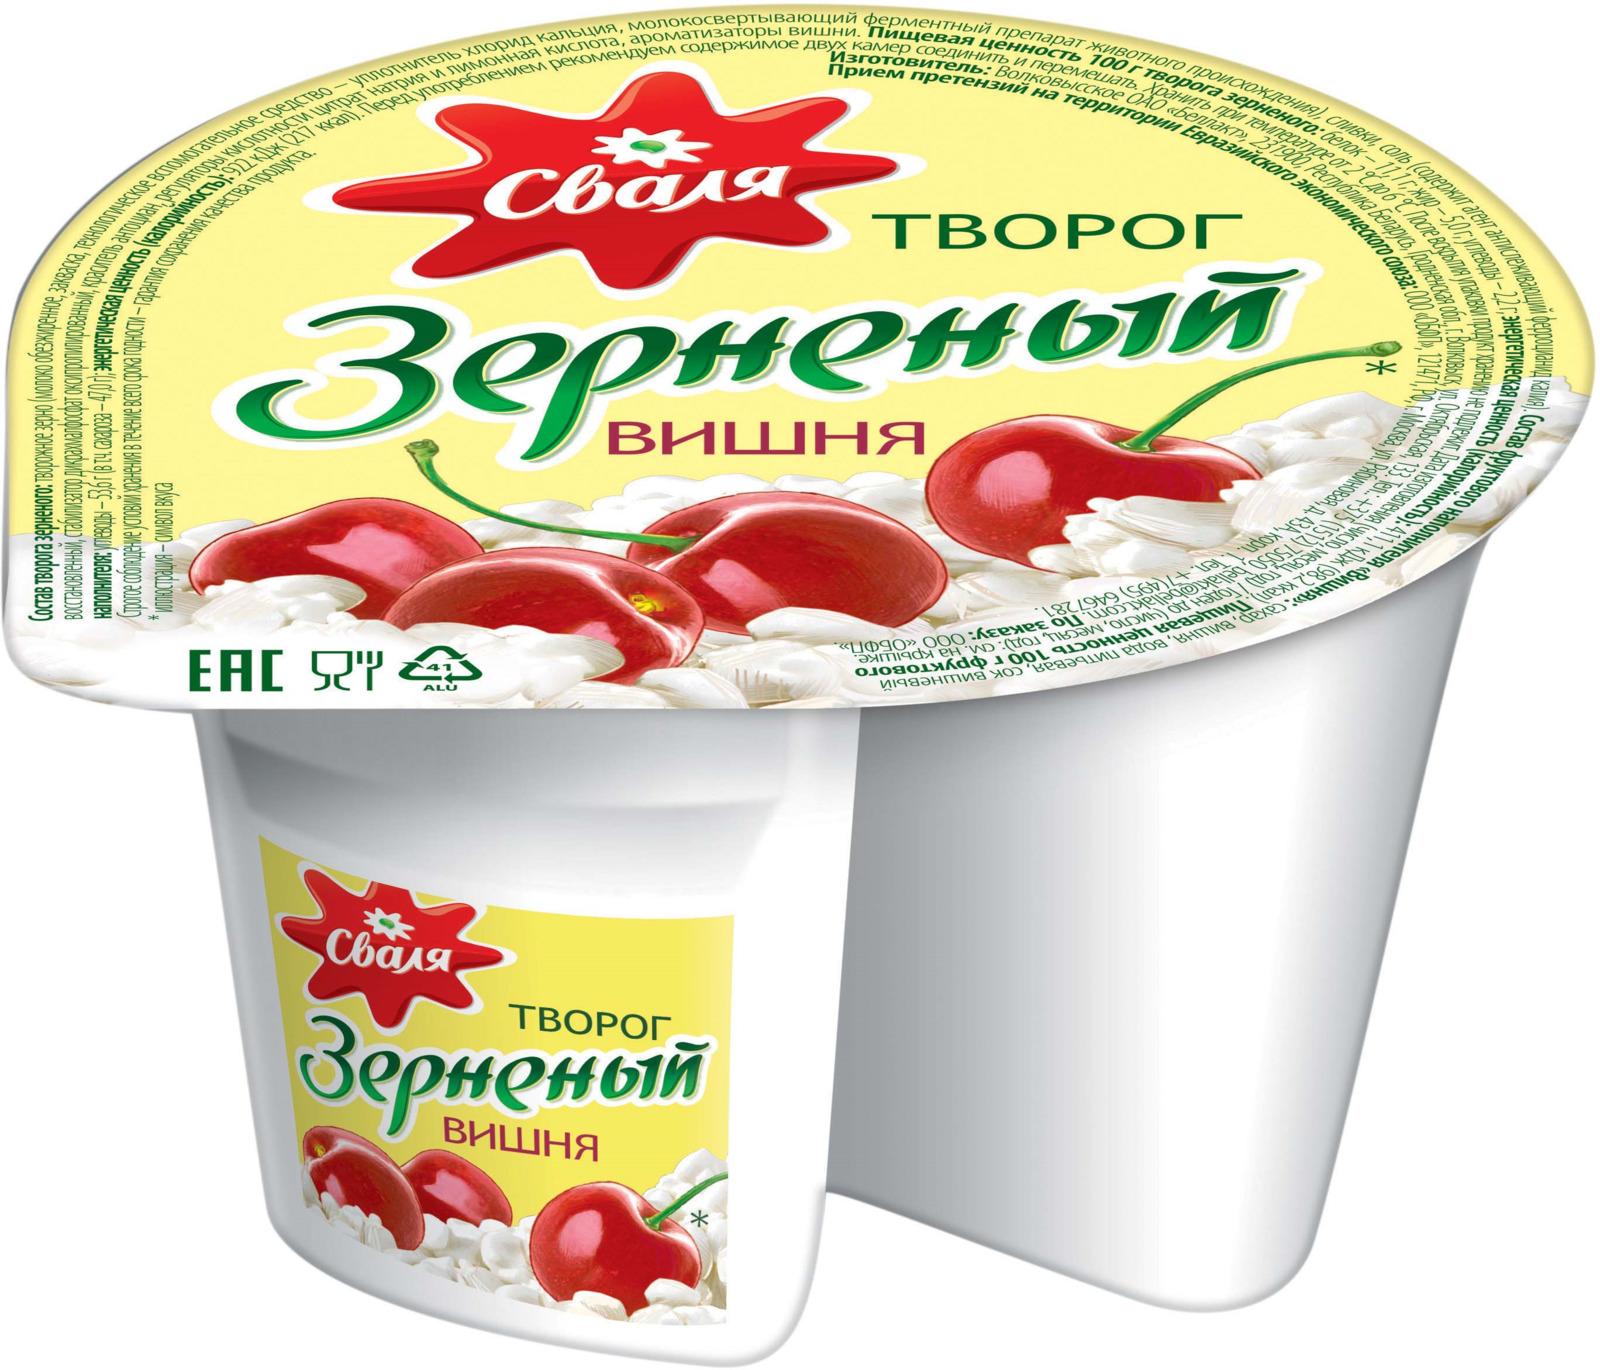 Творог Сваля Вишня, зерненый, с фруктовым наполнителем, 5%, 130 г молочные продукты